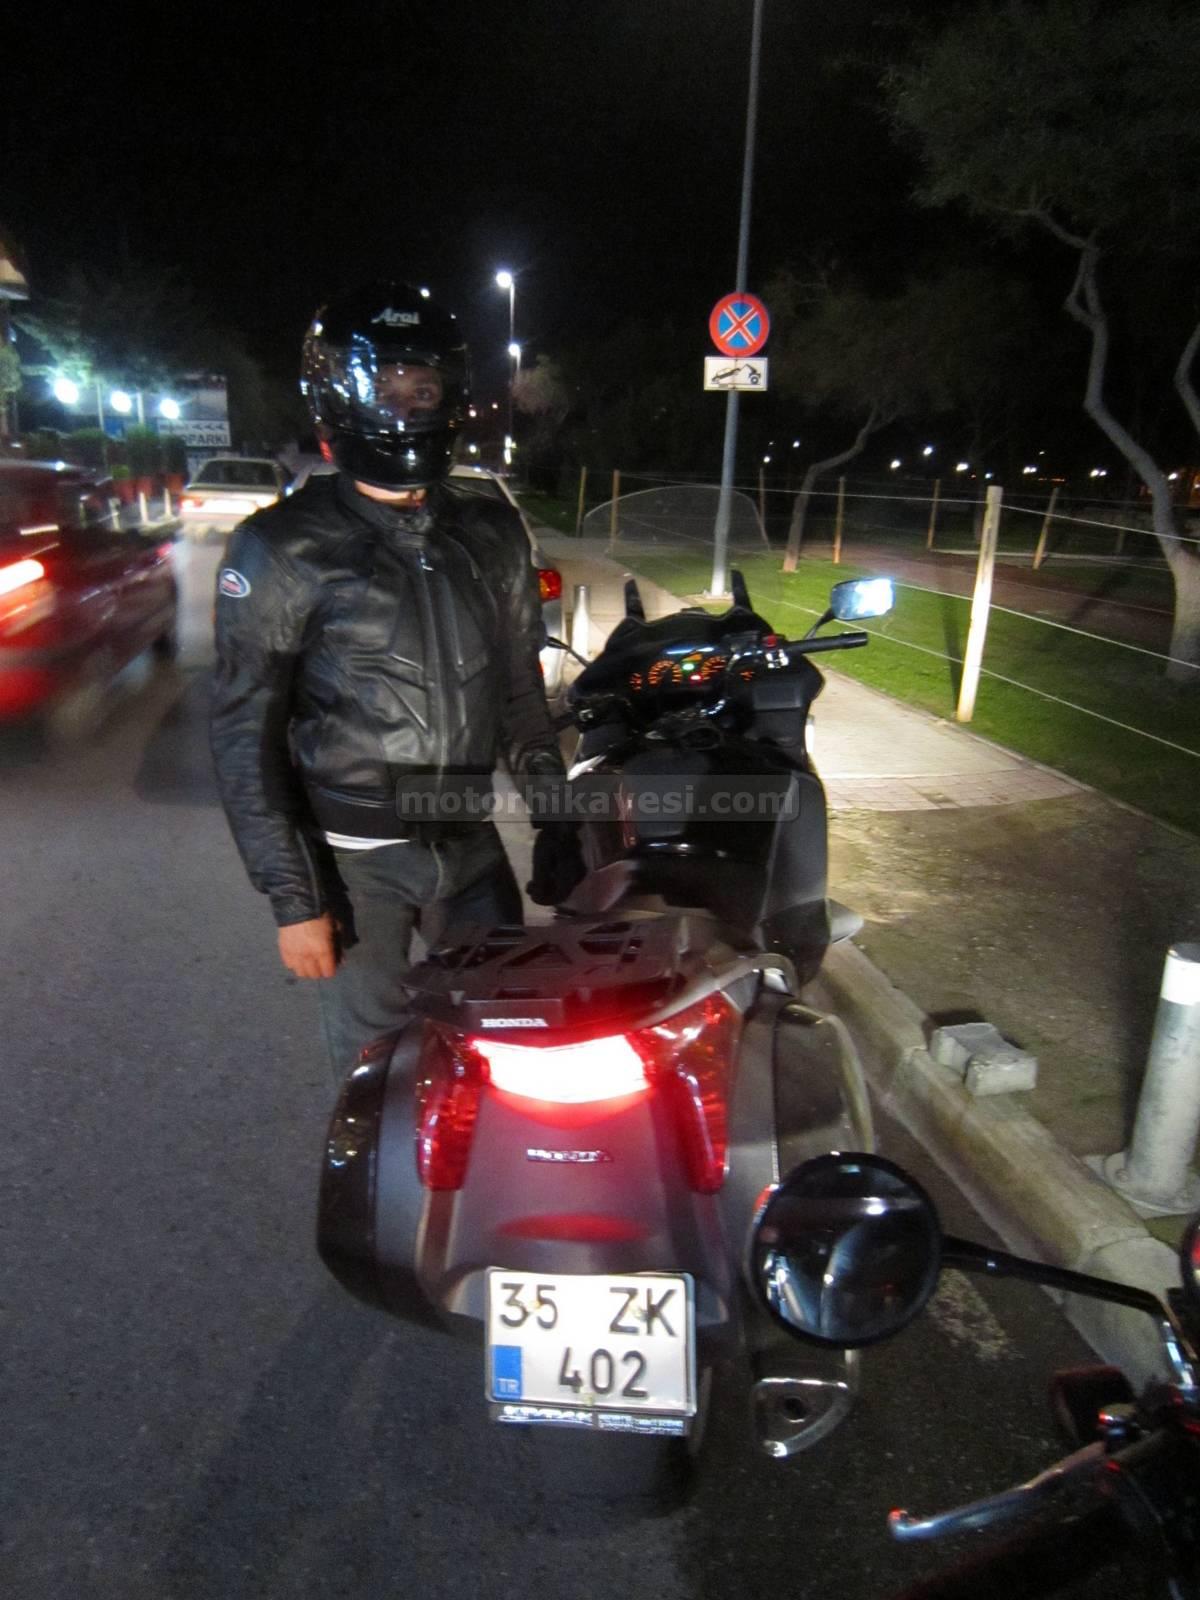 Honda NT700V Deauville Yolgezen gece arkadan görünüş